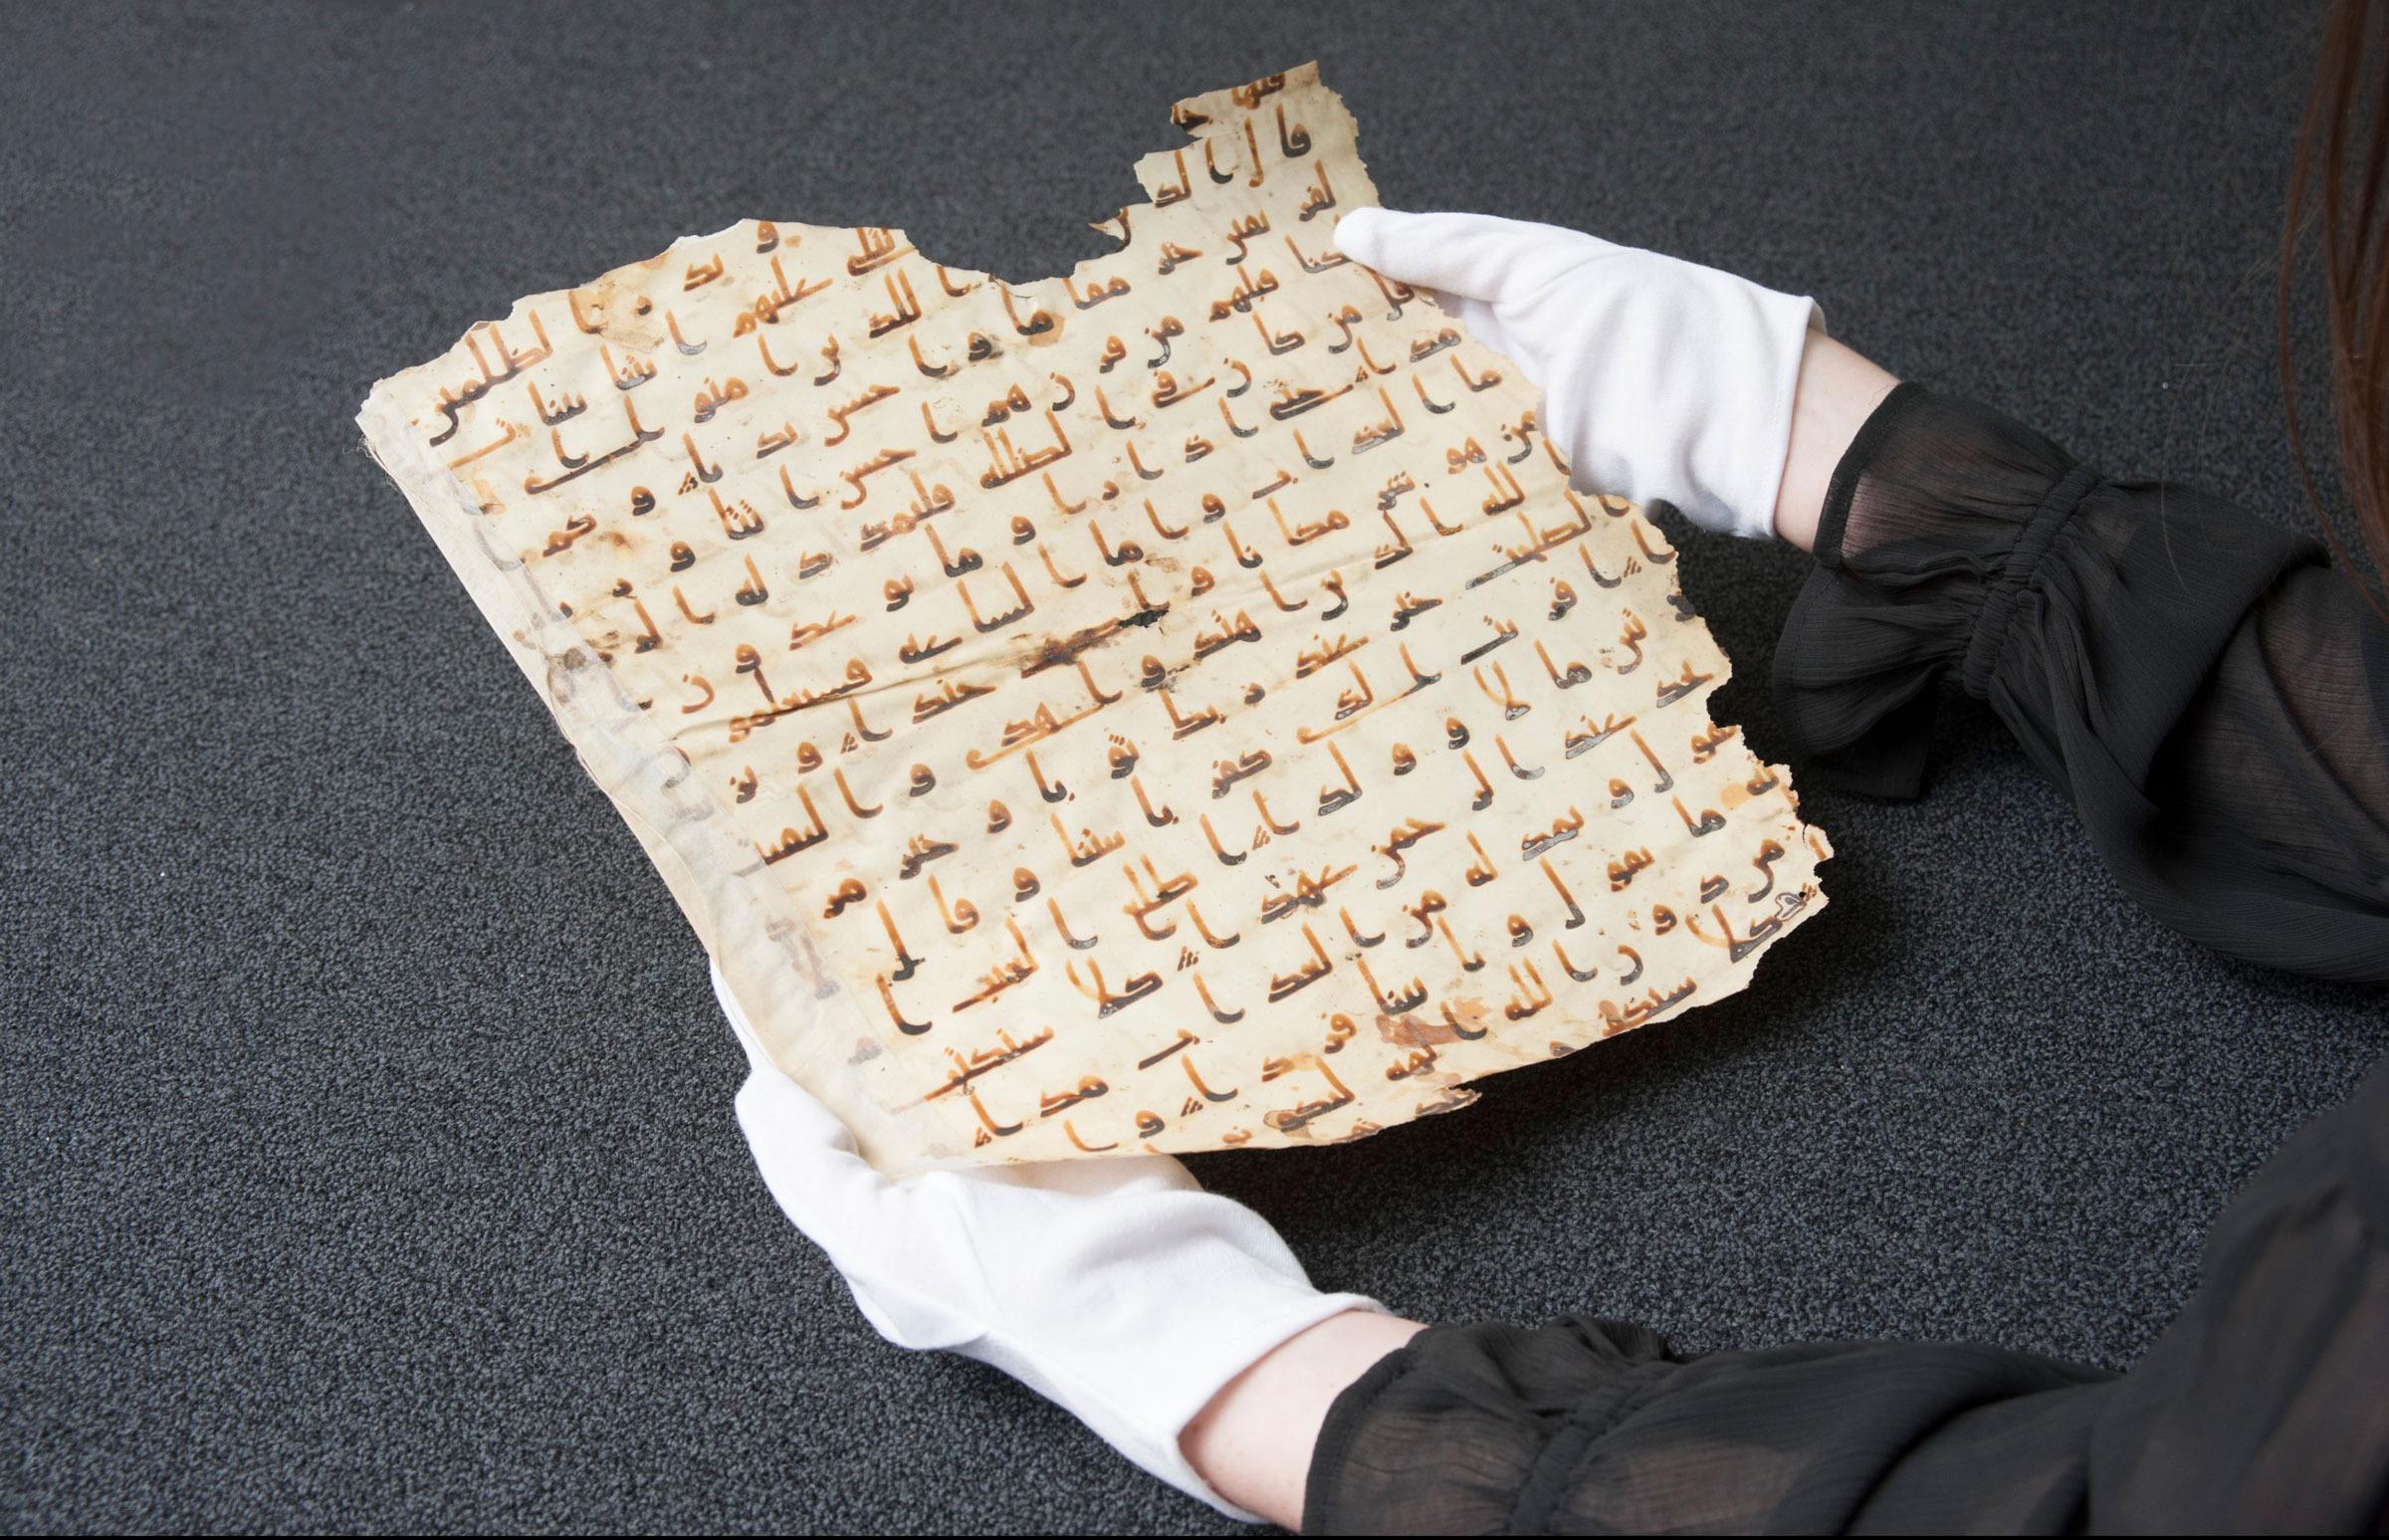 قدیمیترین صفحه قران به قیمت ۱ میلیون پوند فروخته شد